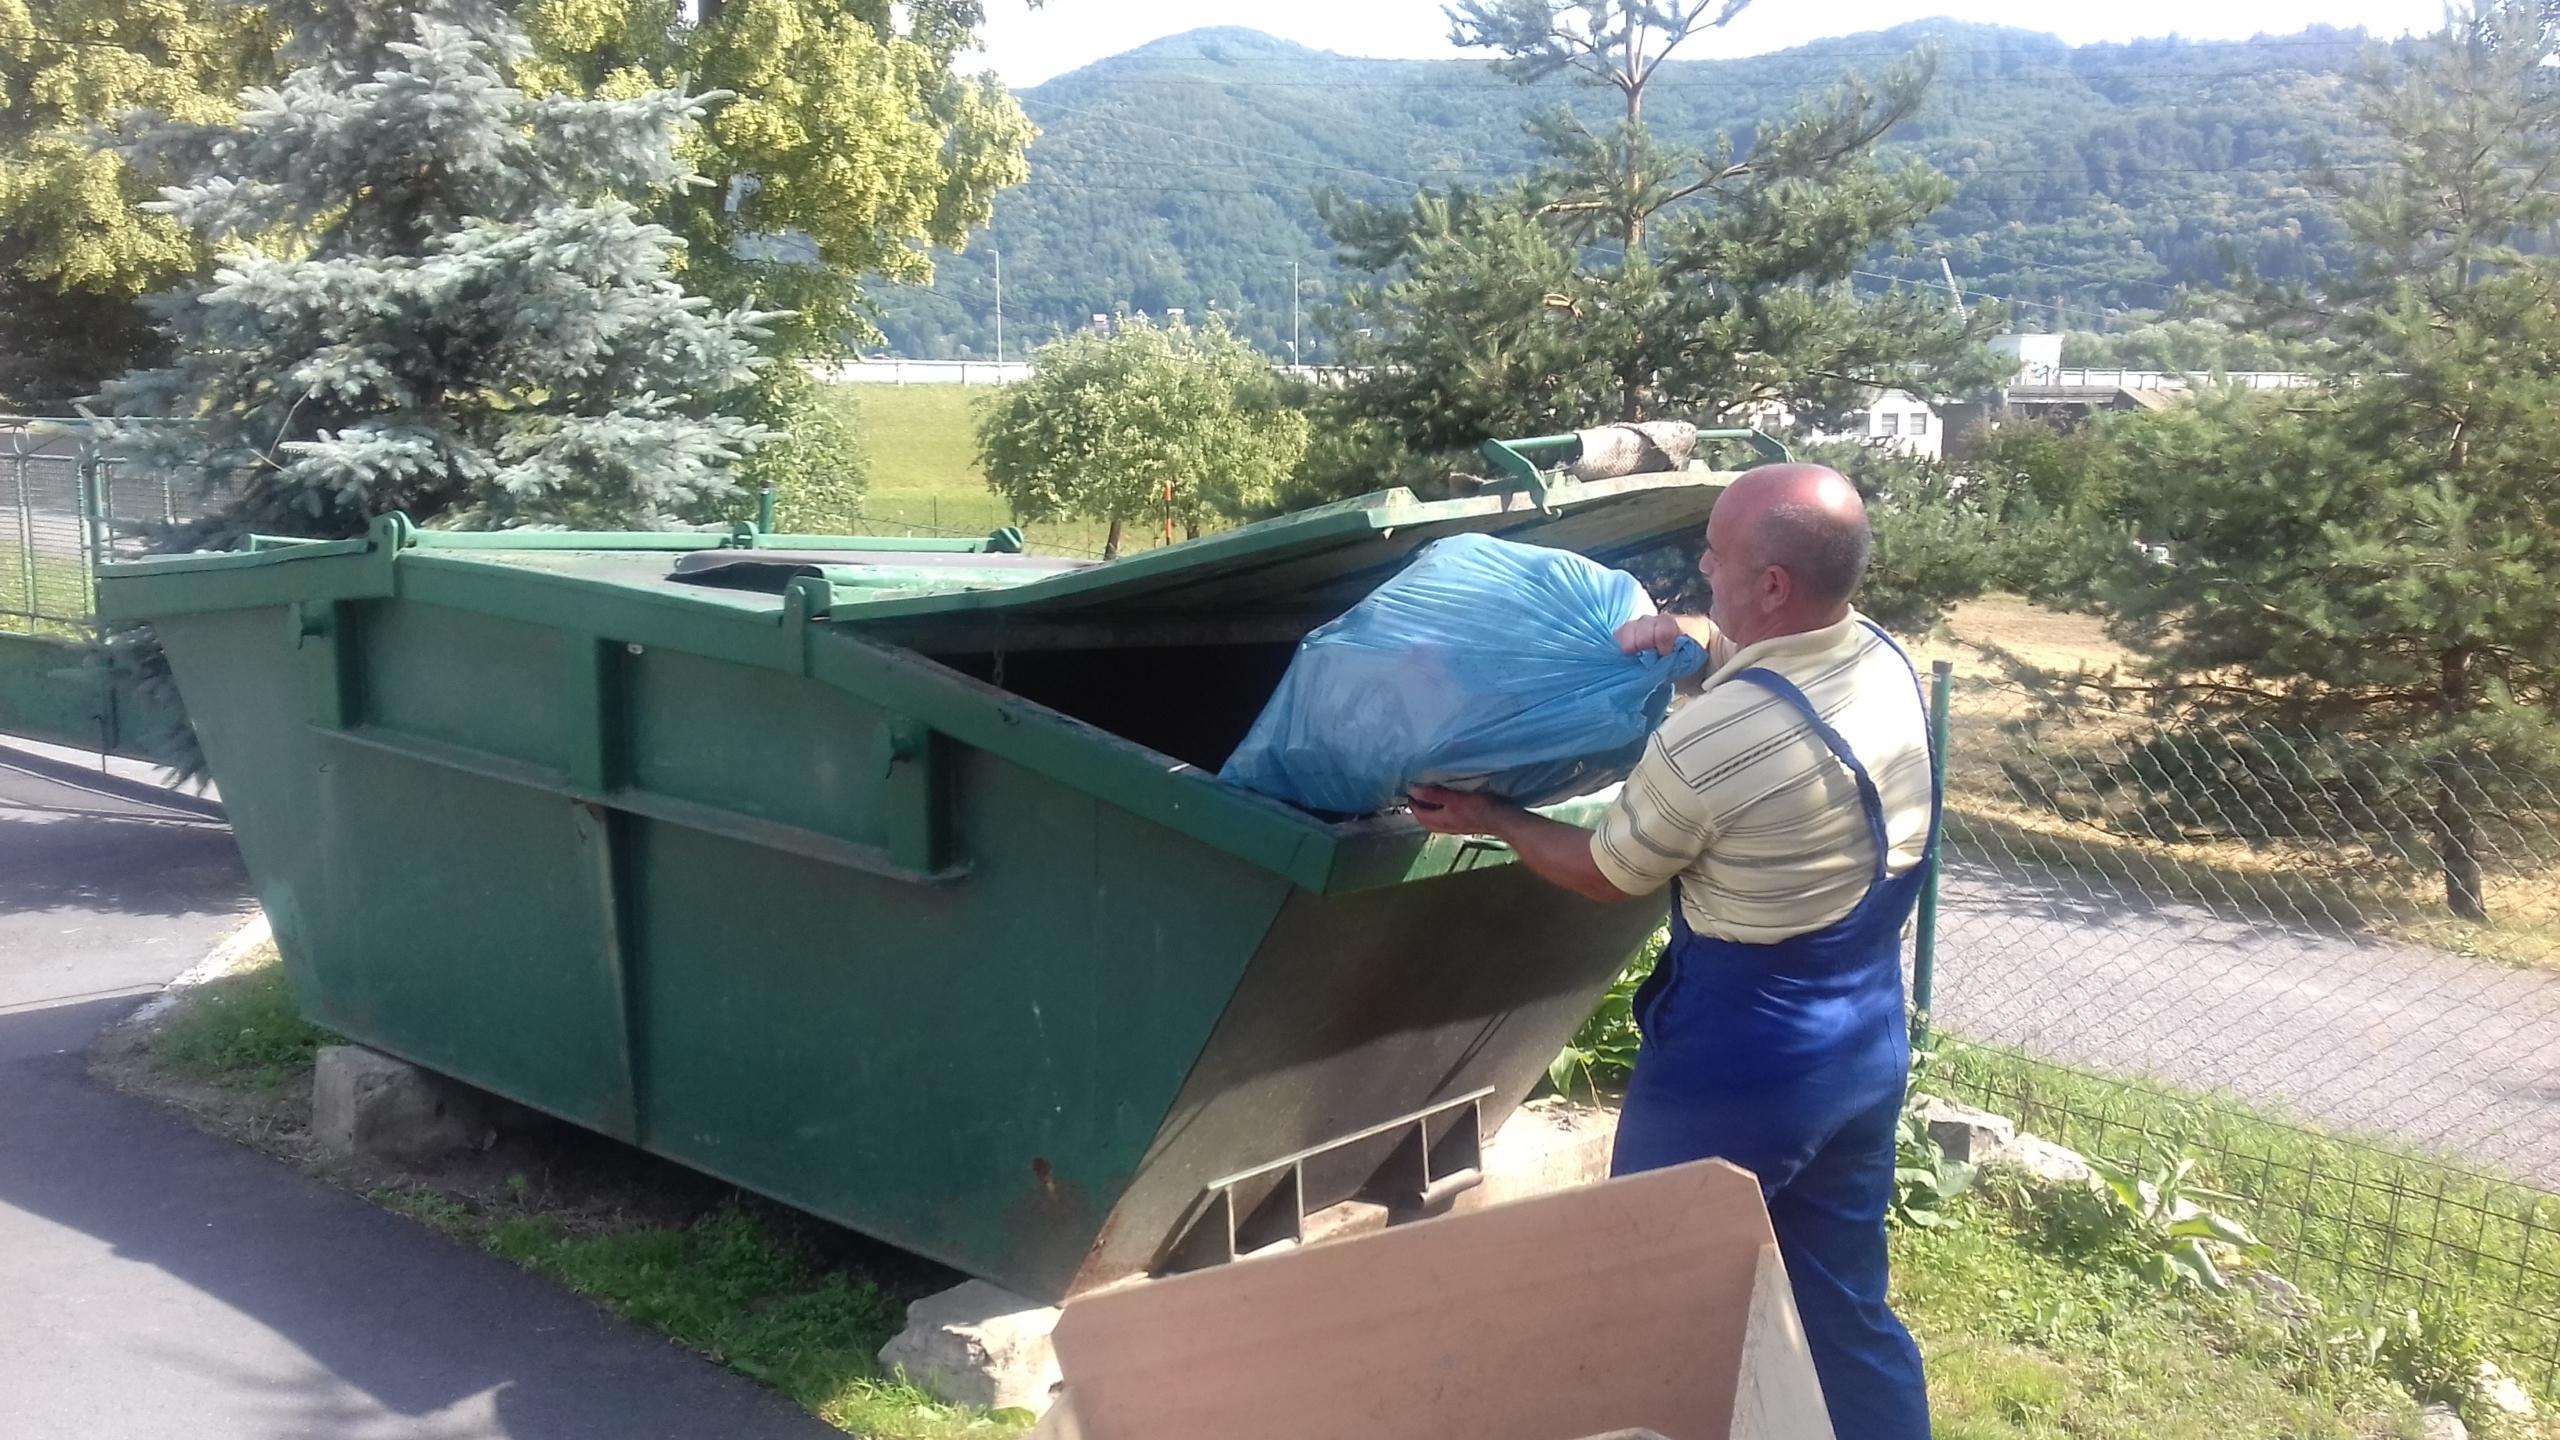 Odstraňovanie nečistôt a odpadu na brehoch VS Môťová (1)